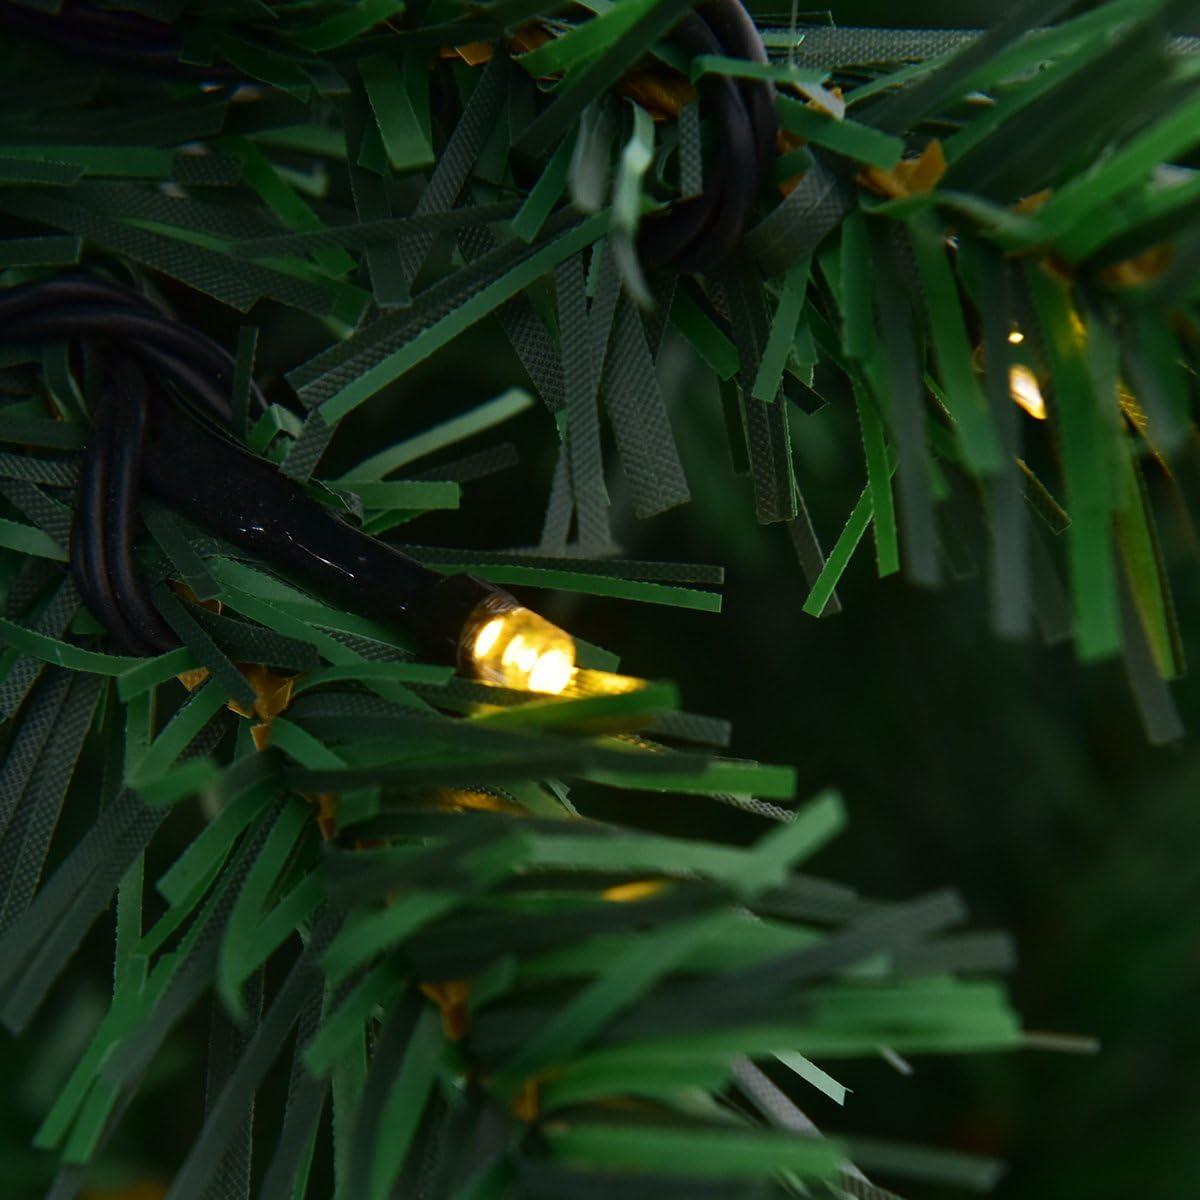 225cm D/écoration pour Maison No/ël Vert Pieds en Fer et Feuilles en PVC 300//400//430 Lampes /à LED avec Lumi/ère Blanche Chaude DREAMADE Sapin de No/ël Artificiel 210CM//225CM//240CM